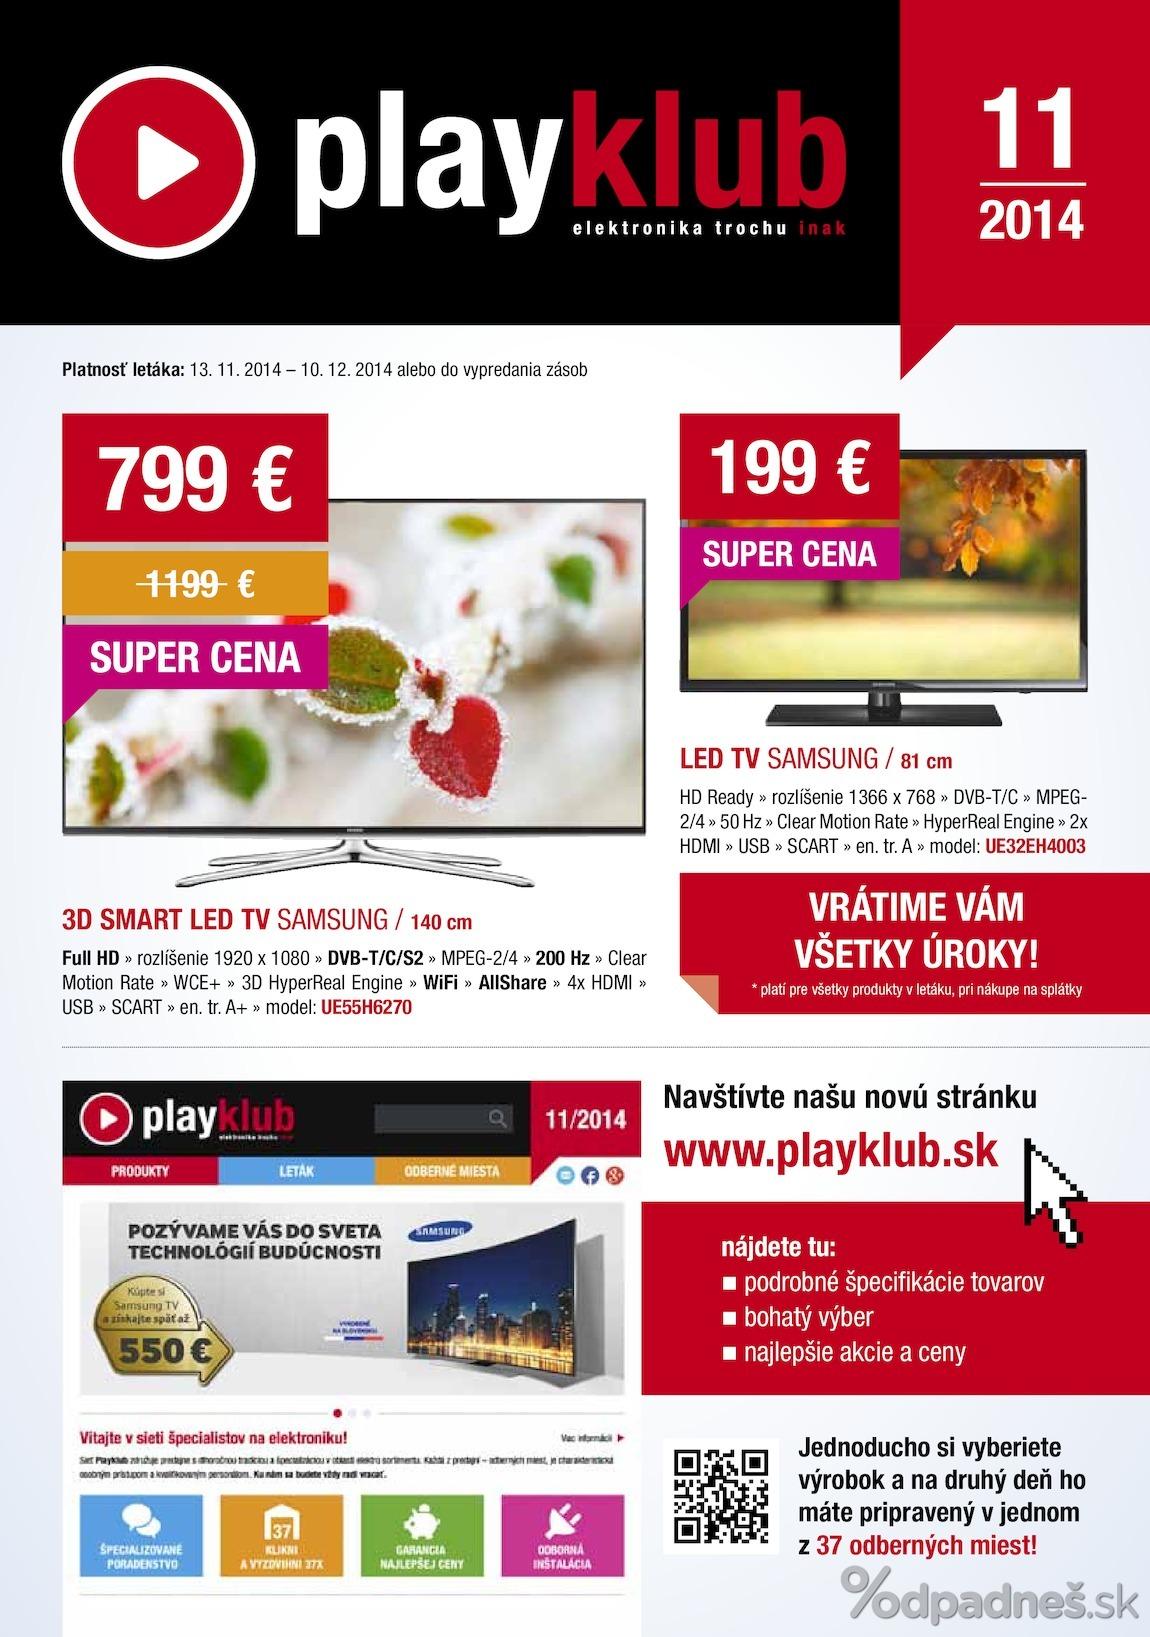 ba15fb13e Playklub leták platný do 10.12.2014 | Letákovo.sk